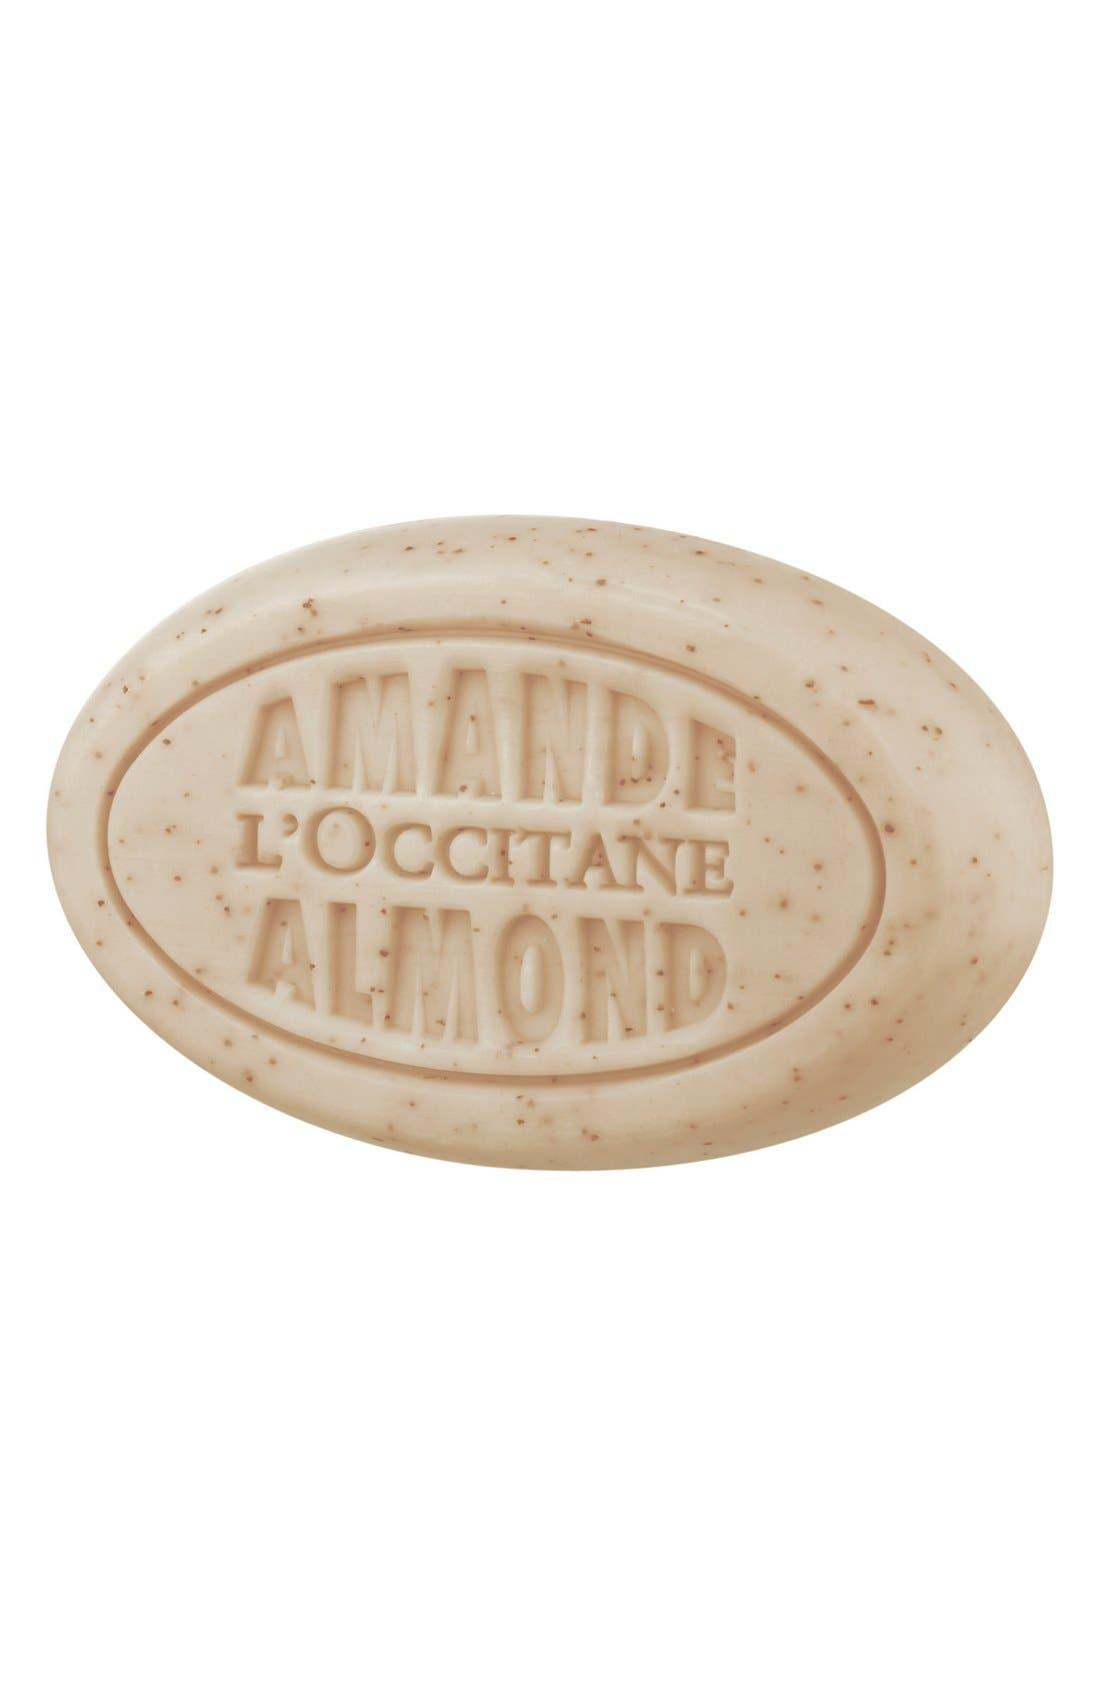 L'OCCITANE Almond Delicious Soap, Main, color, NO COLOR